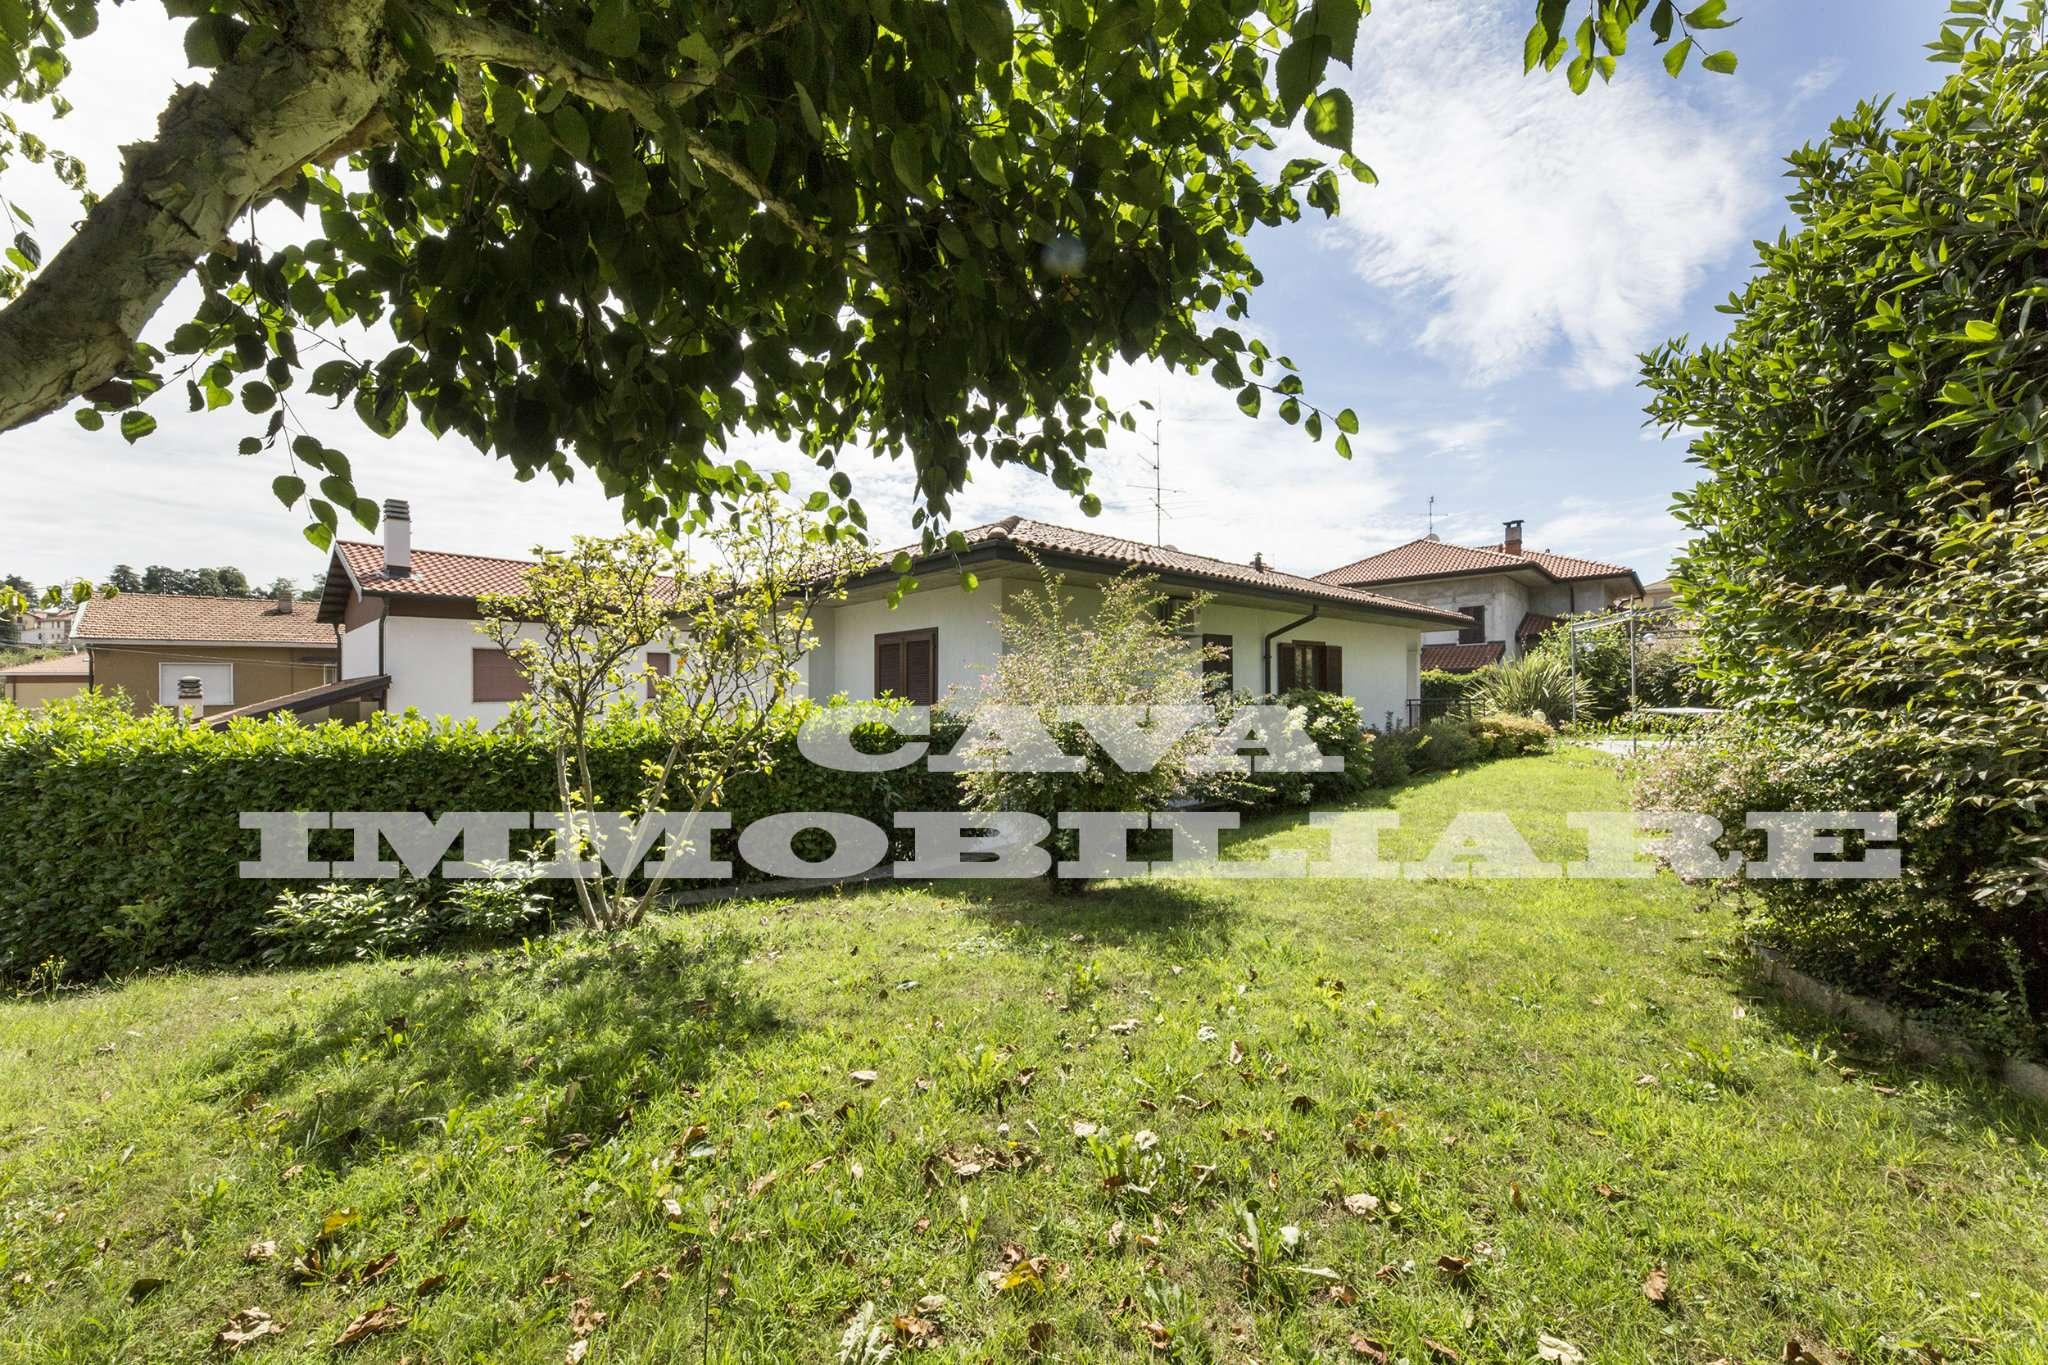 Villa in vendita a Morazzone, 4 locali, prezzo € 390.000 | CambioCasa.it